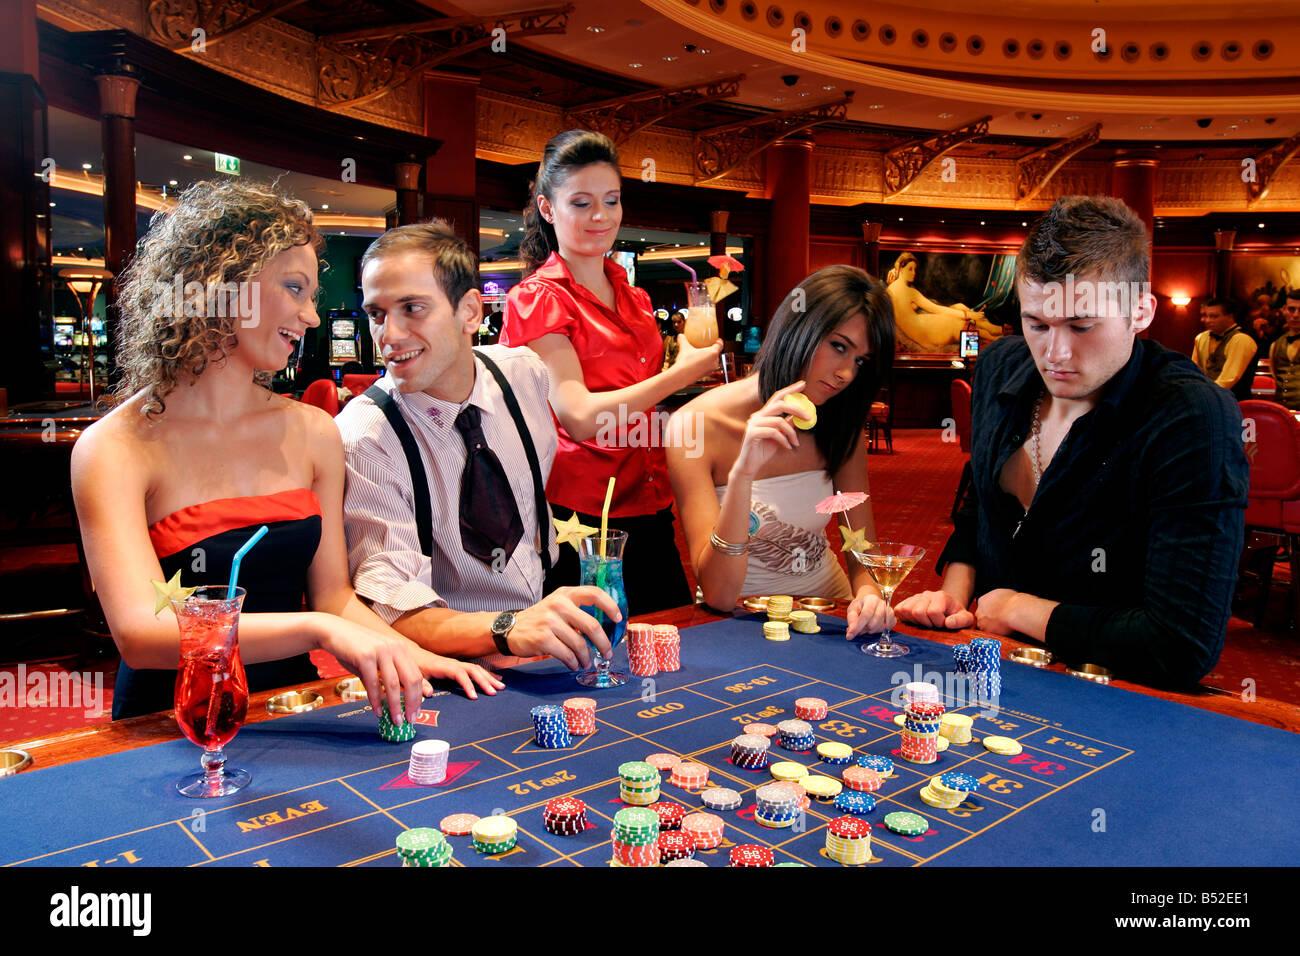 La roulette casino gain